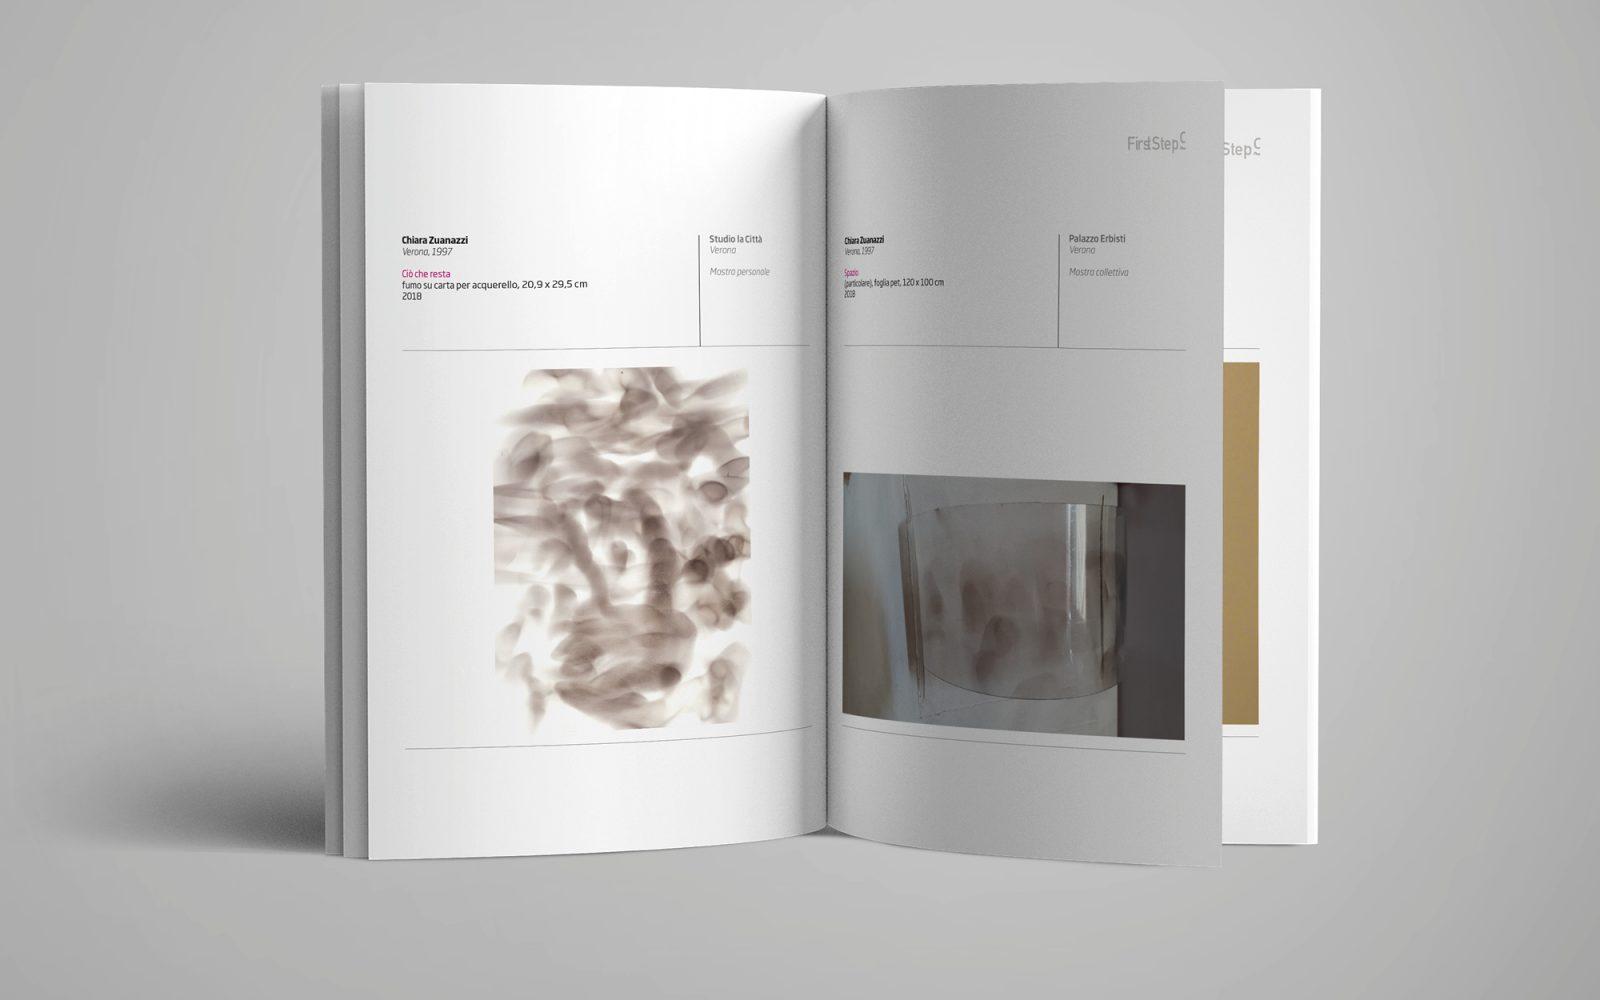 dettaglio delle pagine interne del catalogo First step 9 di Accademia belle arti Verona, progetto grafico dello studio grafico Diadestudio.